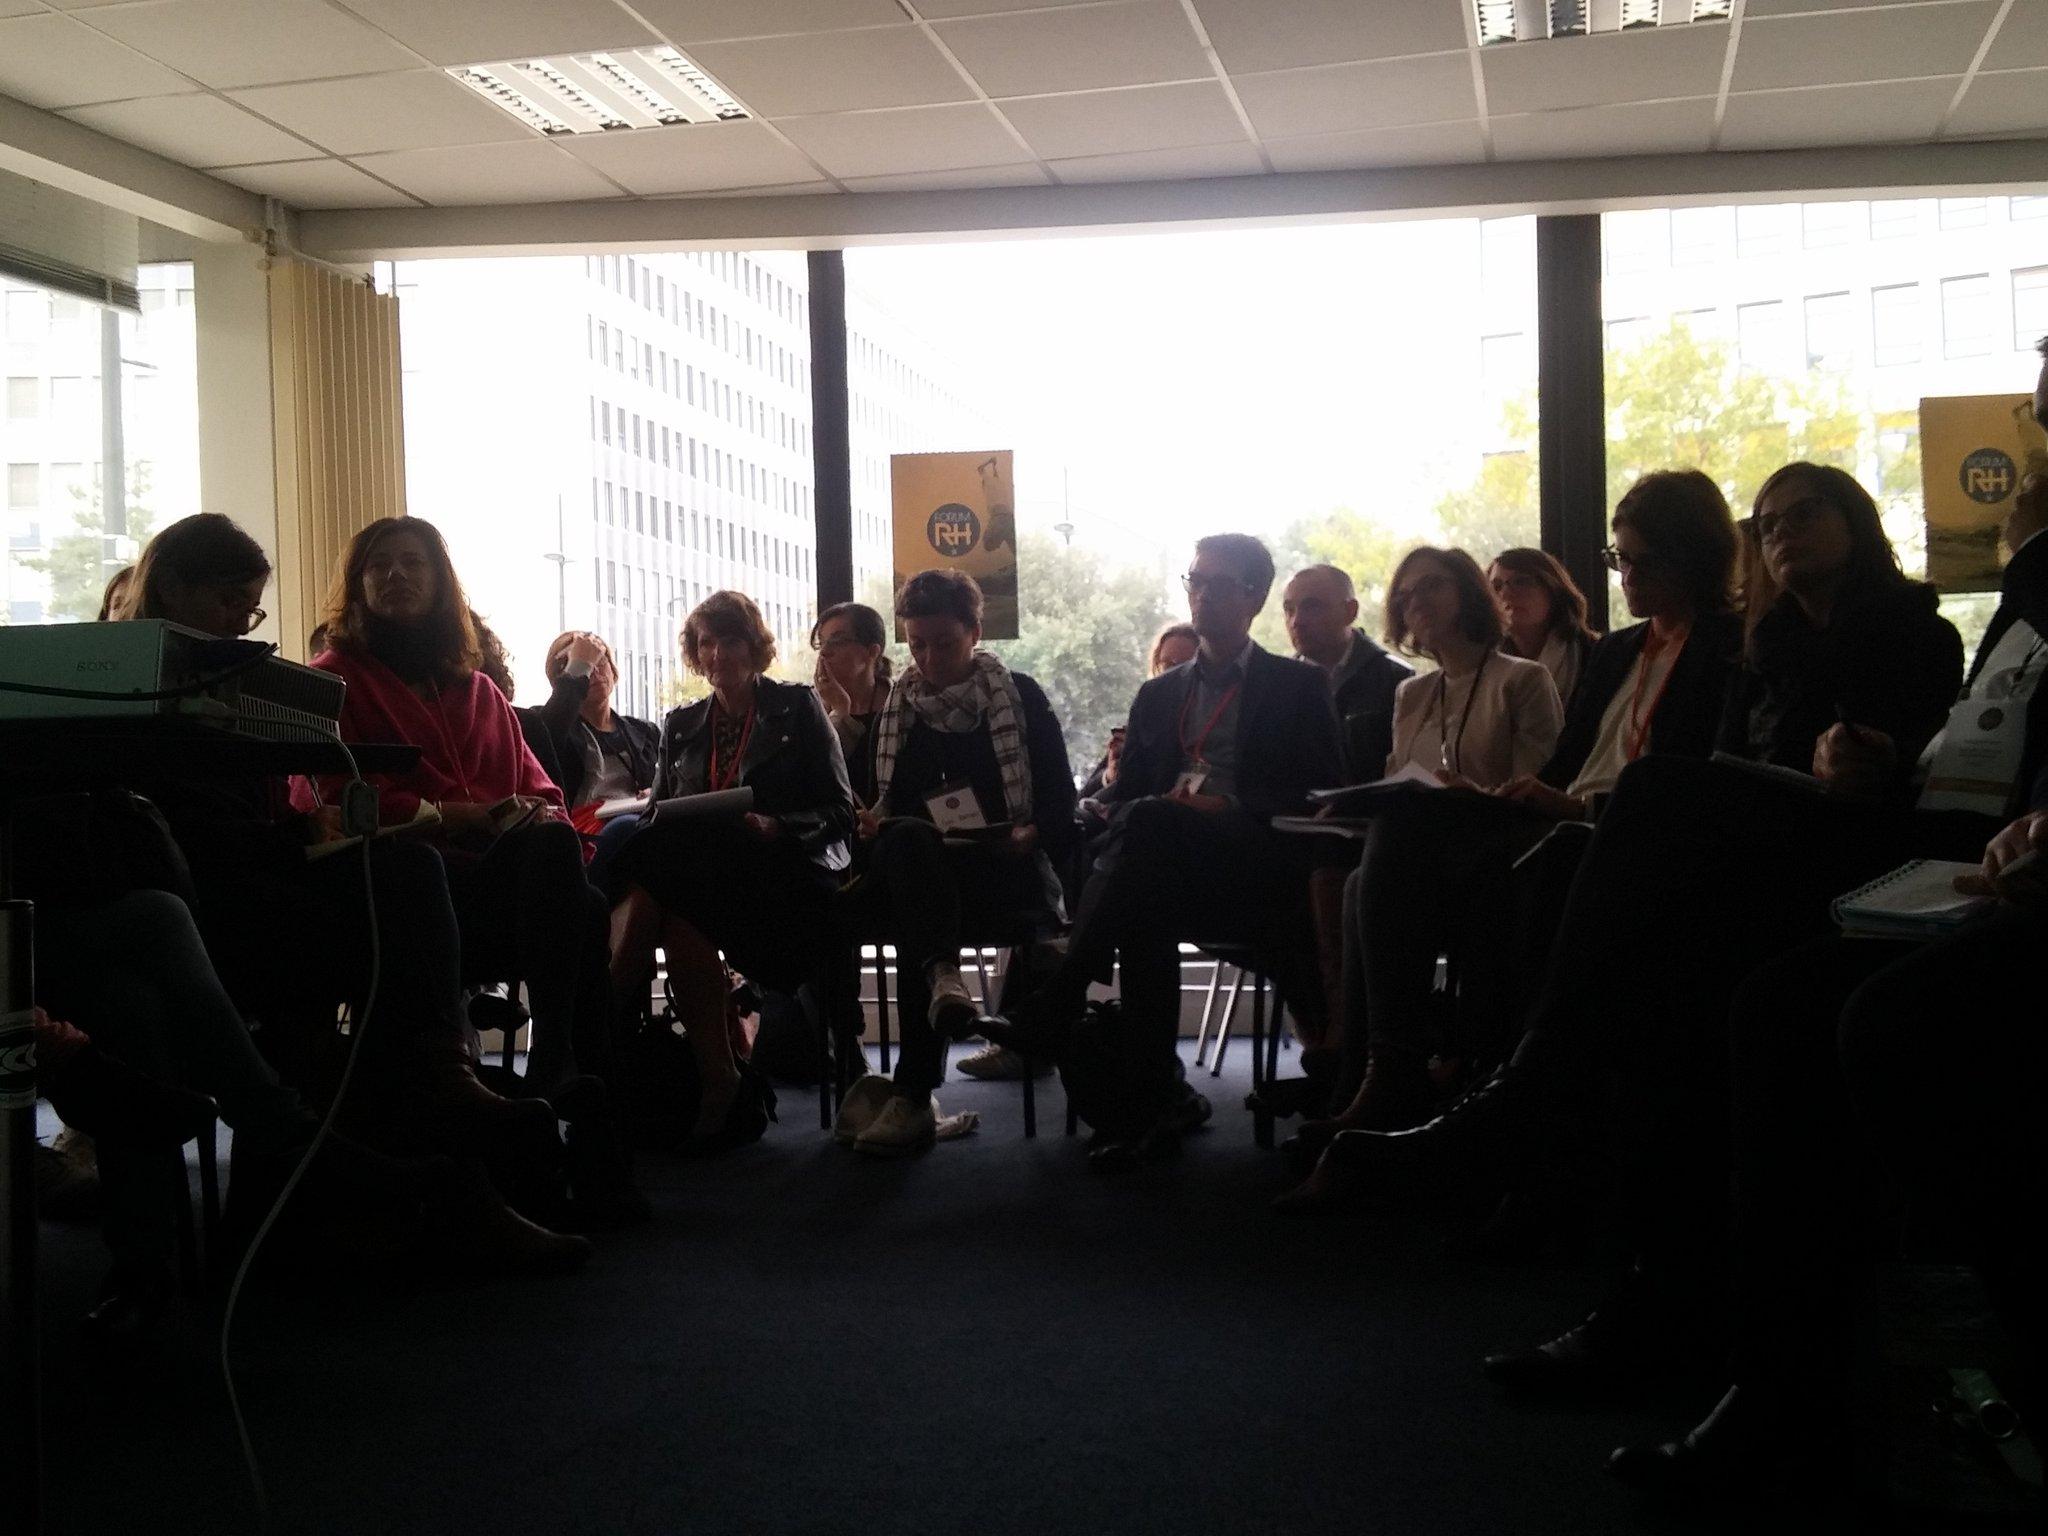 30 personnes assistent a la présentation d'Estelle de Gombert, DRH d'@akeneopim , qui nous présente sa politique RH #ForumRH https://t.co/bwN5hfHZoA